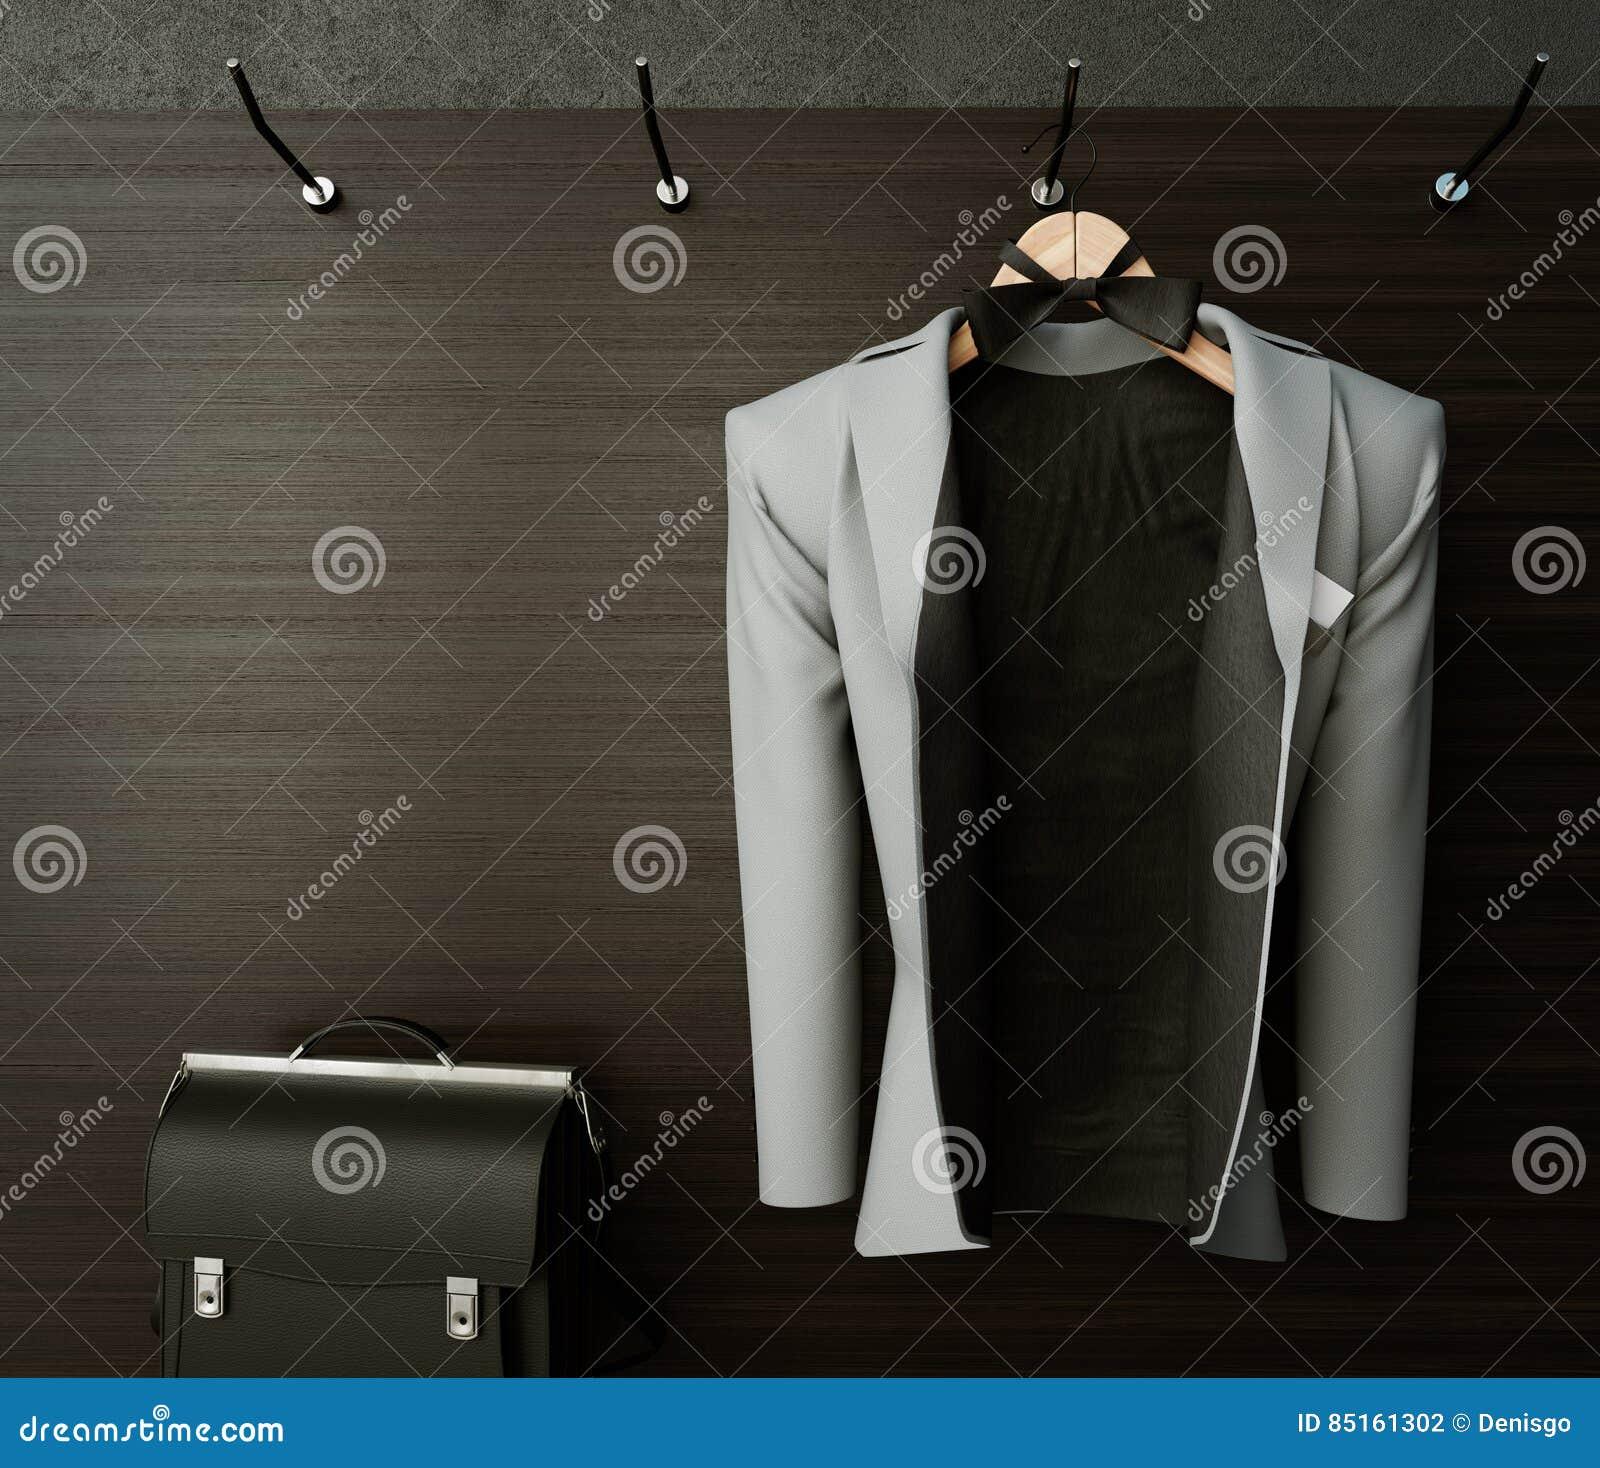 επιχειρησιακό σακάκι στο κατασκευασμένο υπόβαθρο φωτογραφιών έννοιας τοίχων